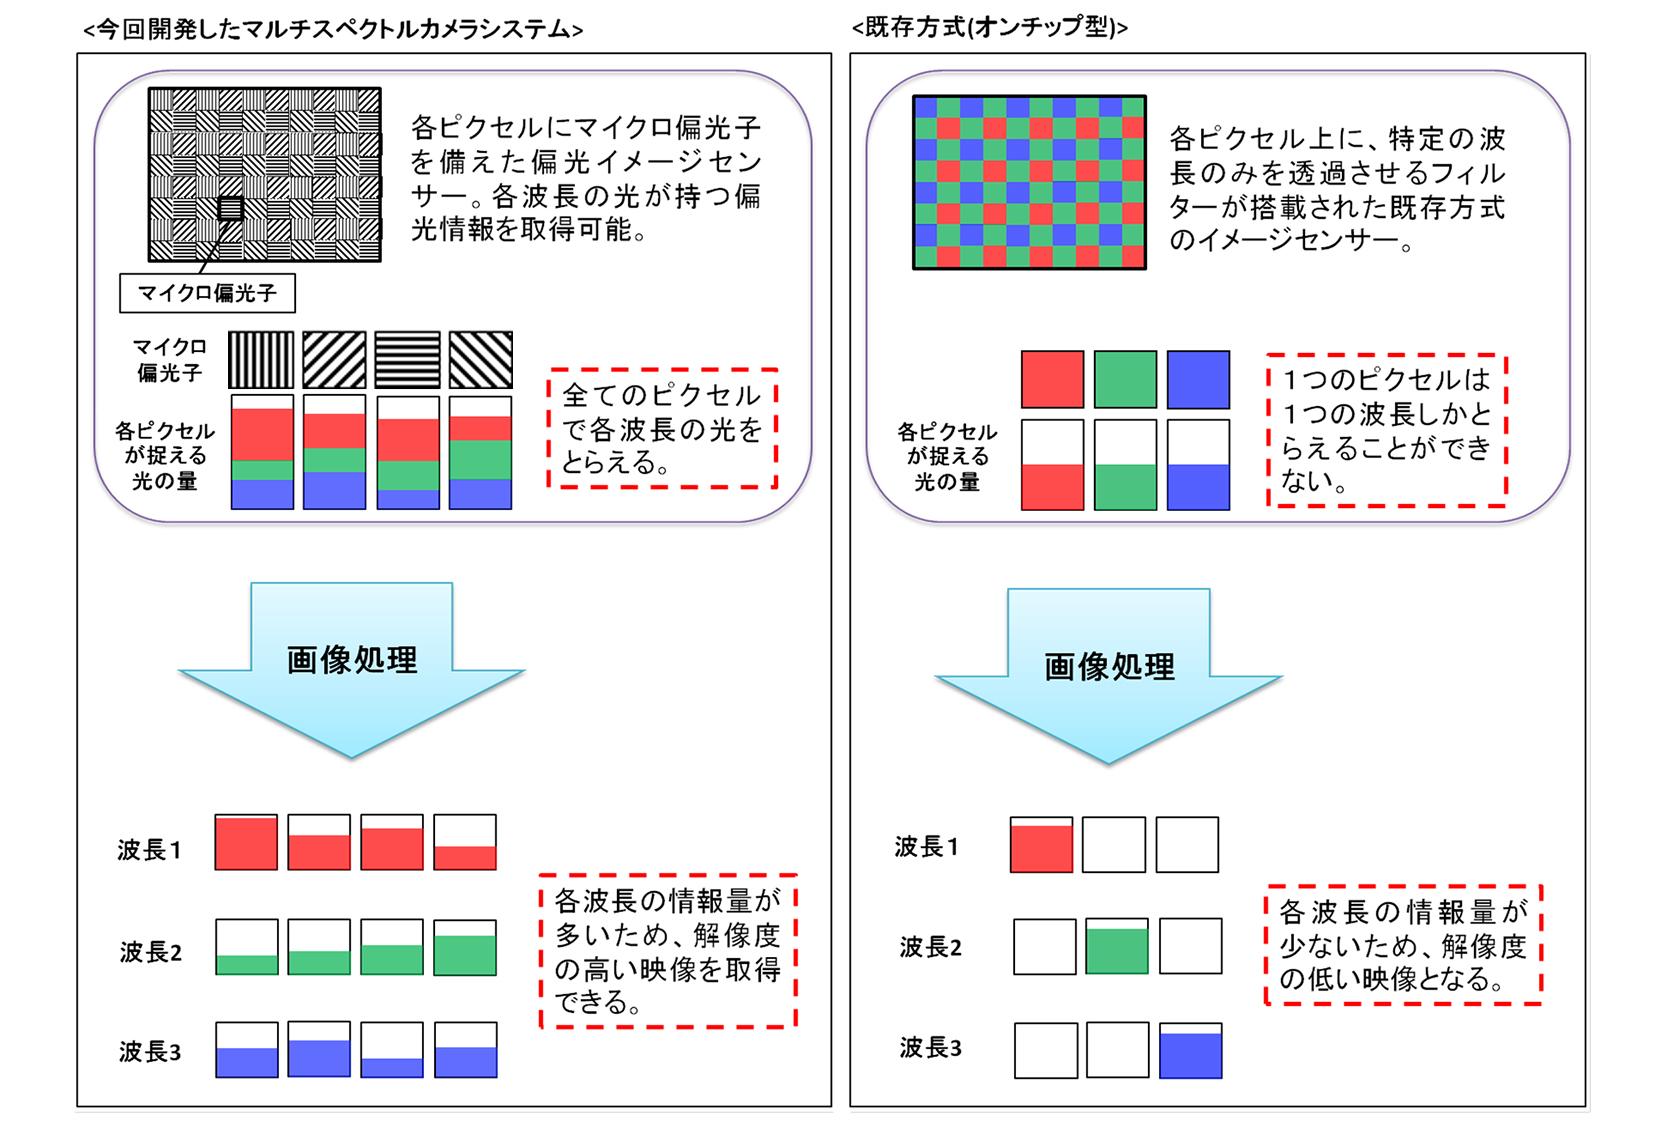 図2. 今回開発したマルチスペクトルカメラシステムと従来方式の比較